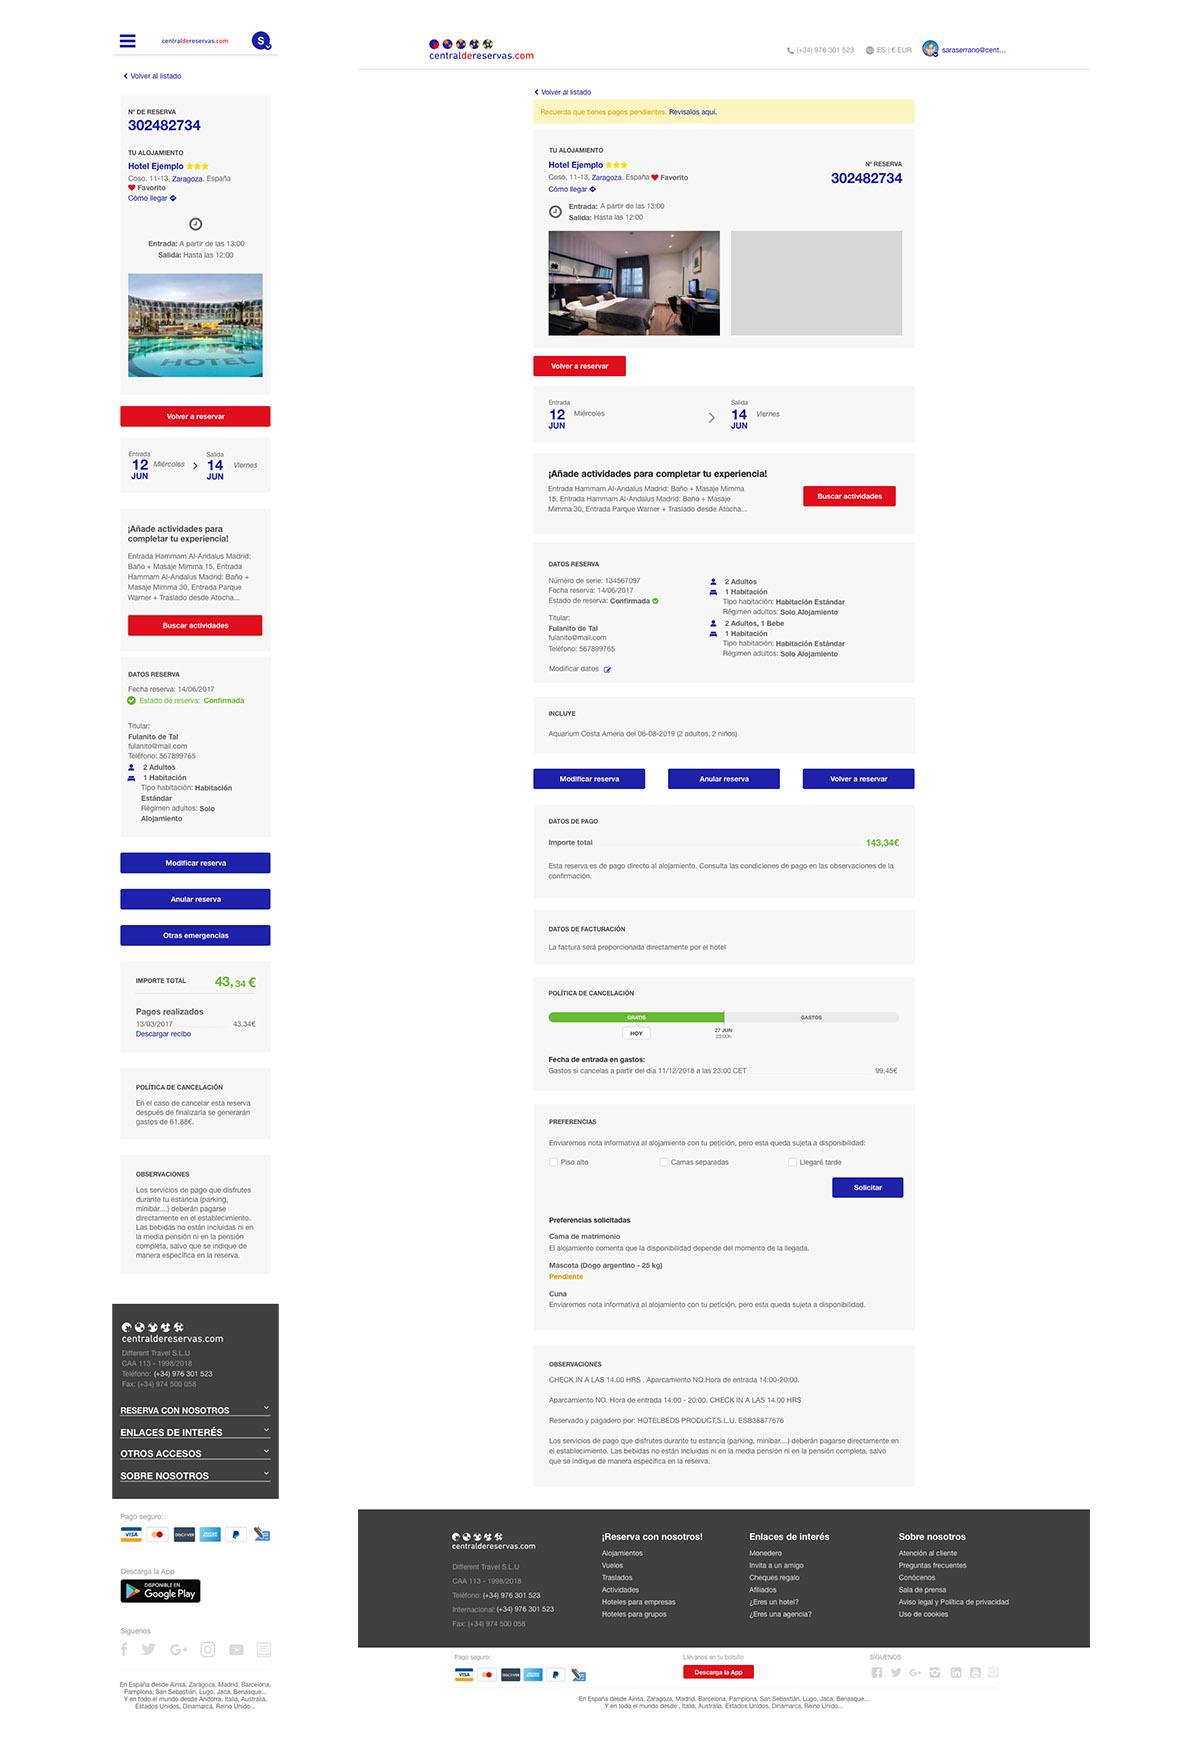 Diseño y experiencia de cliente